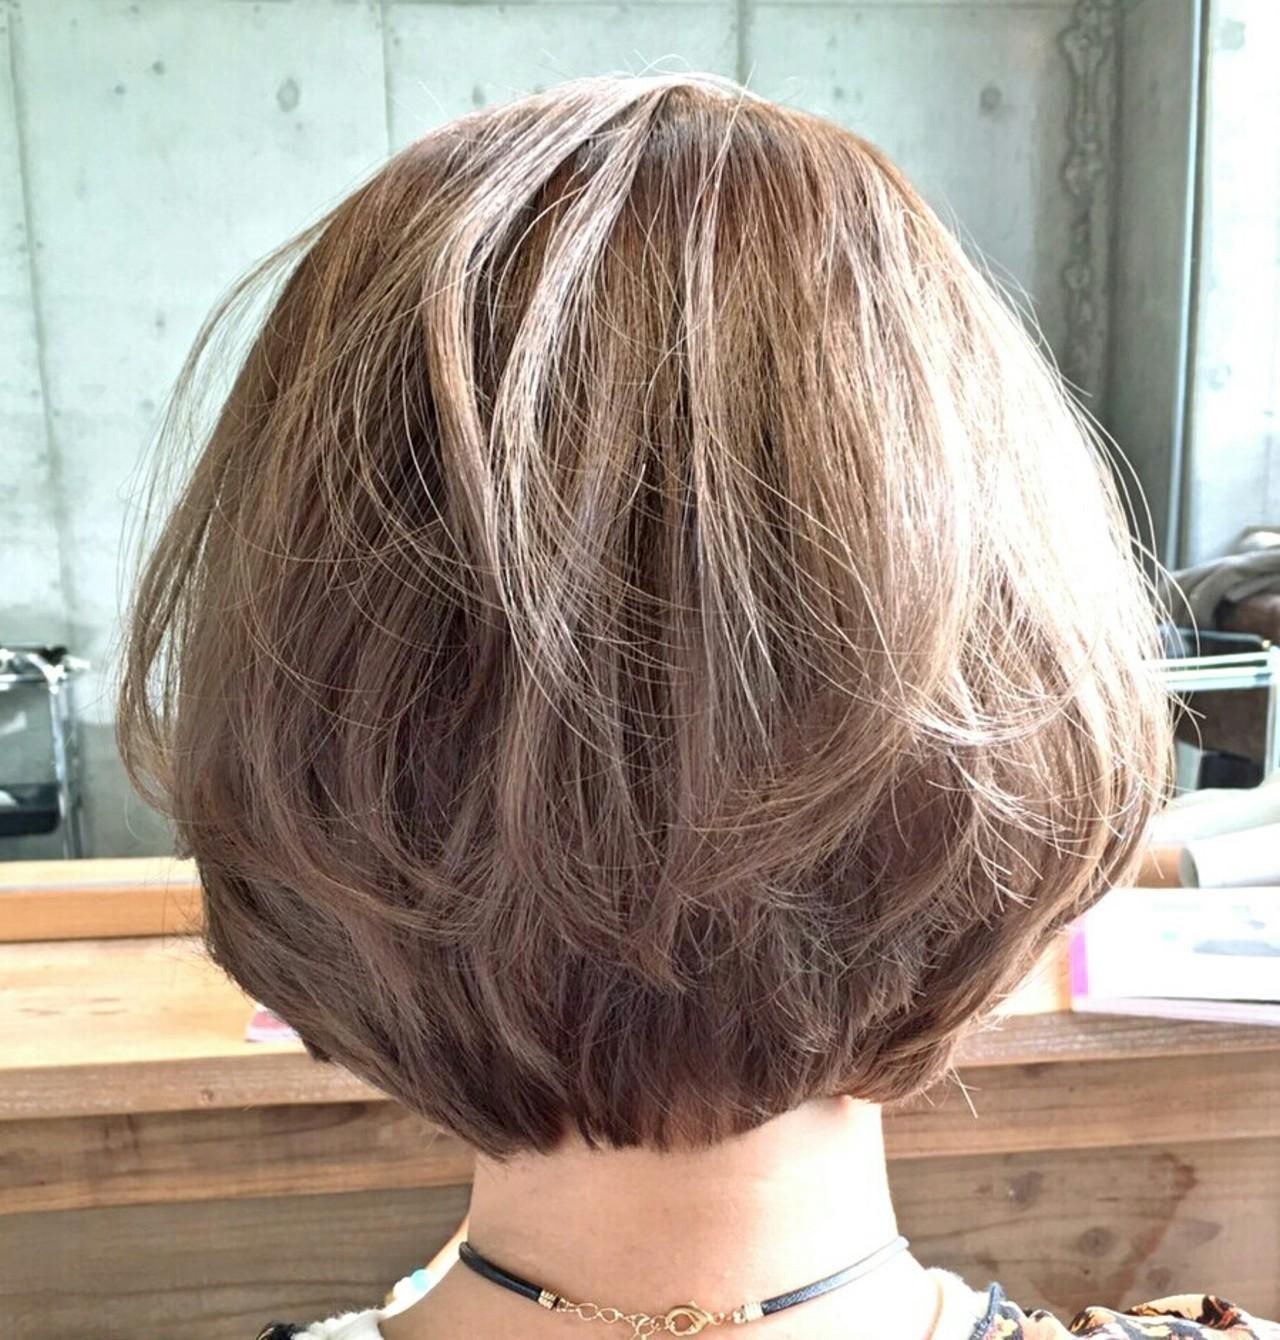 ボブ グラデーションカラー ガーリー ハイライト ヘアスタイルや髪型の写真・画像